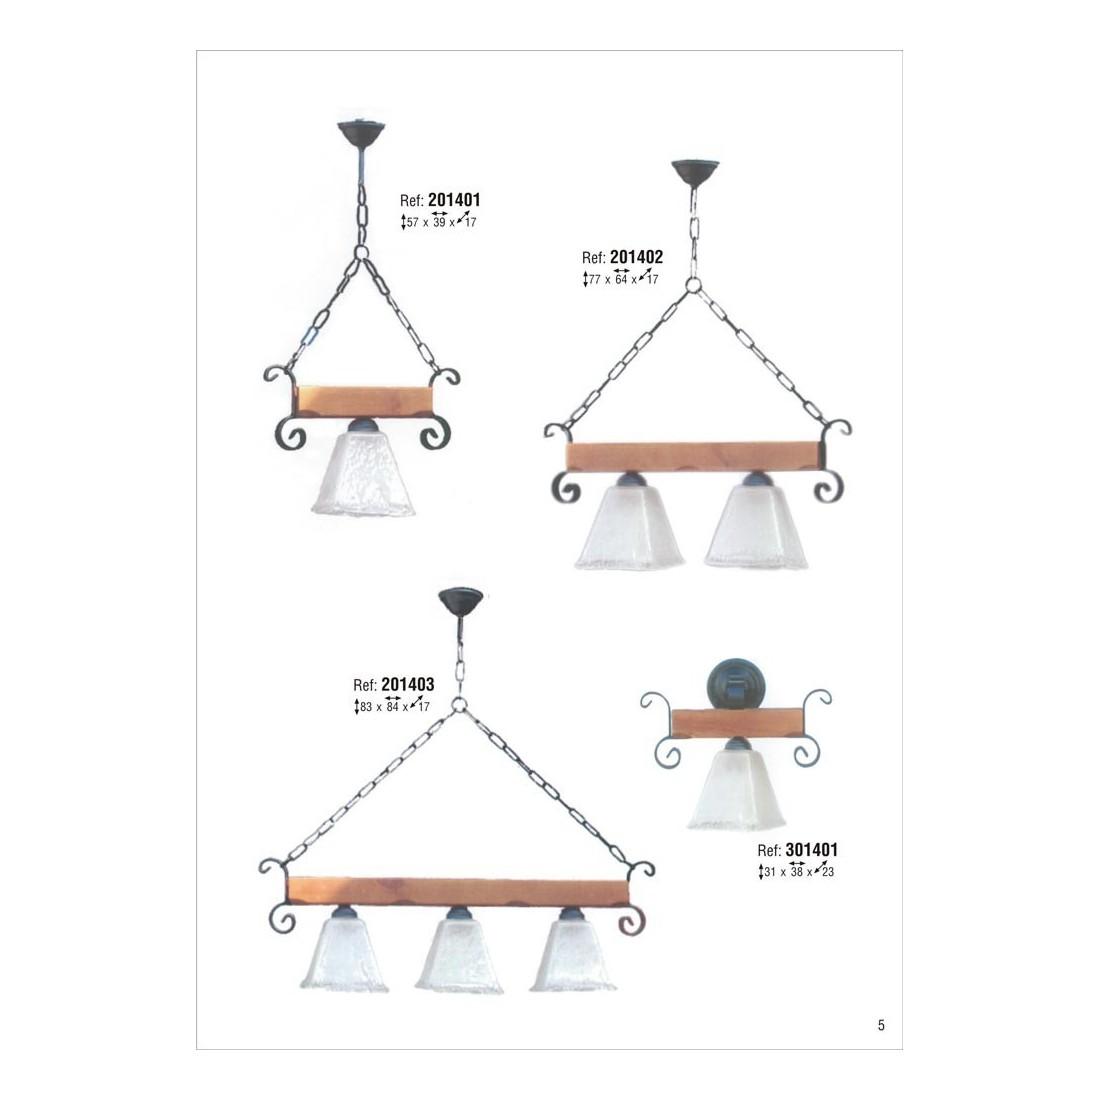 Estilo cl sico actual l mparas de bronce fabricadas en espa a - Lamparas clasicas de techo ...